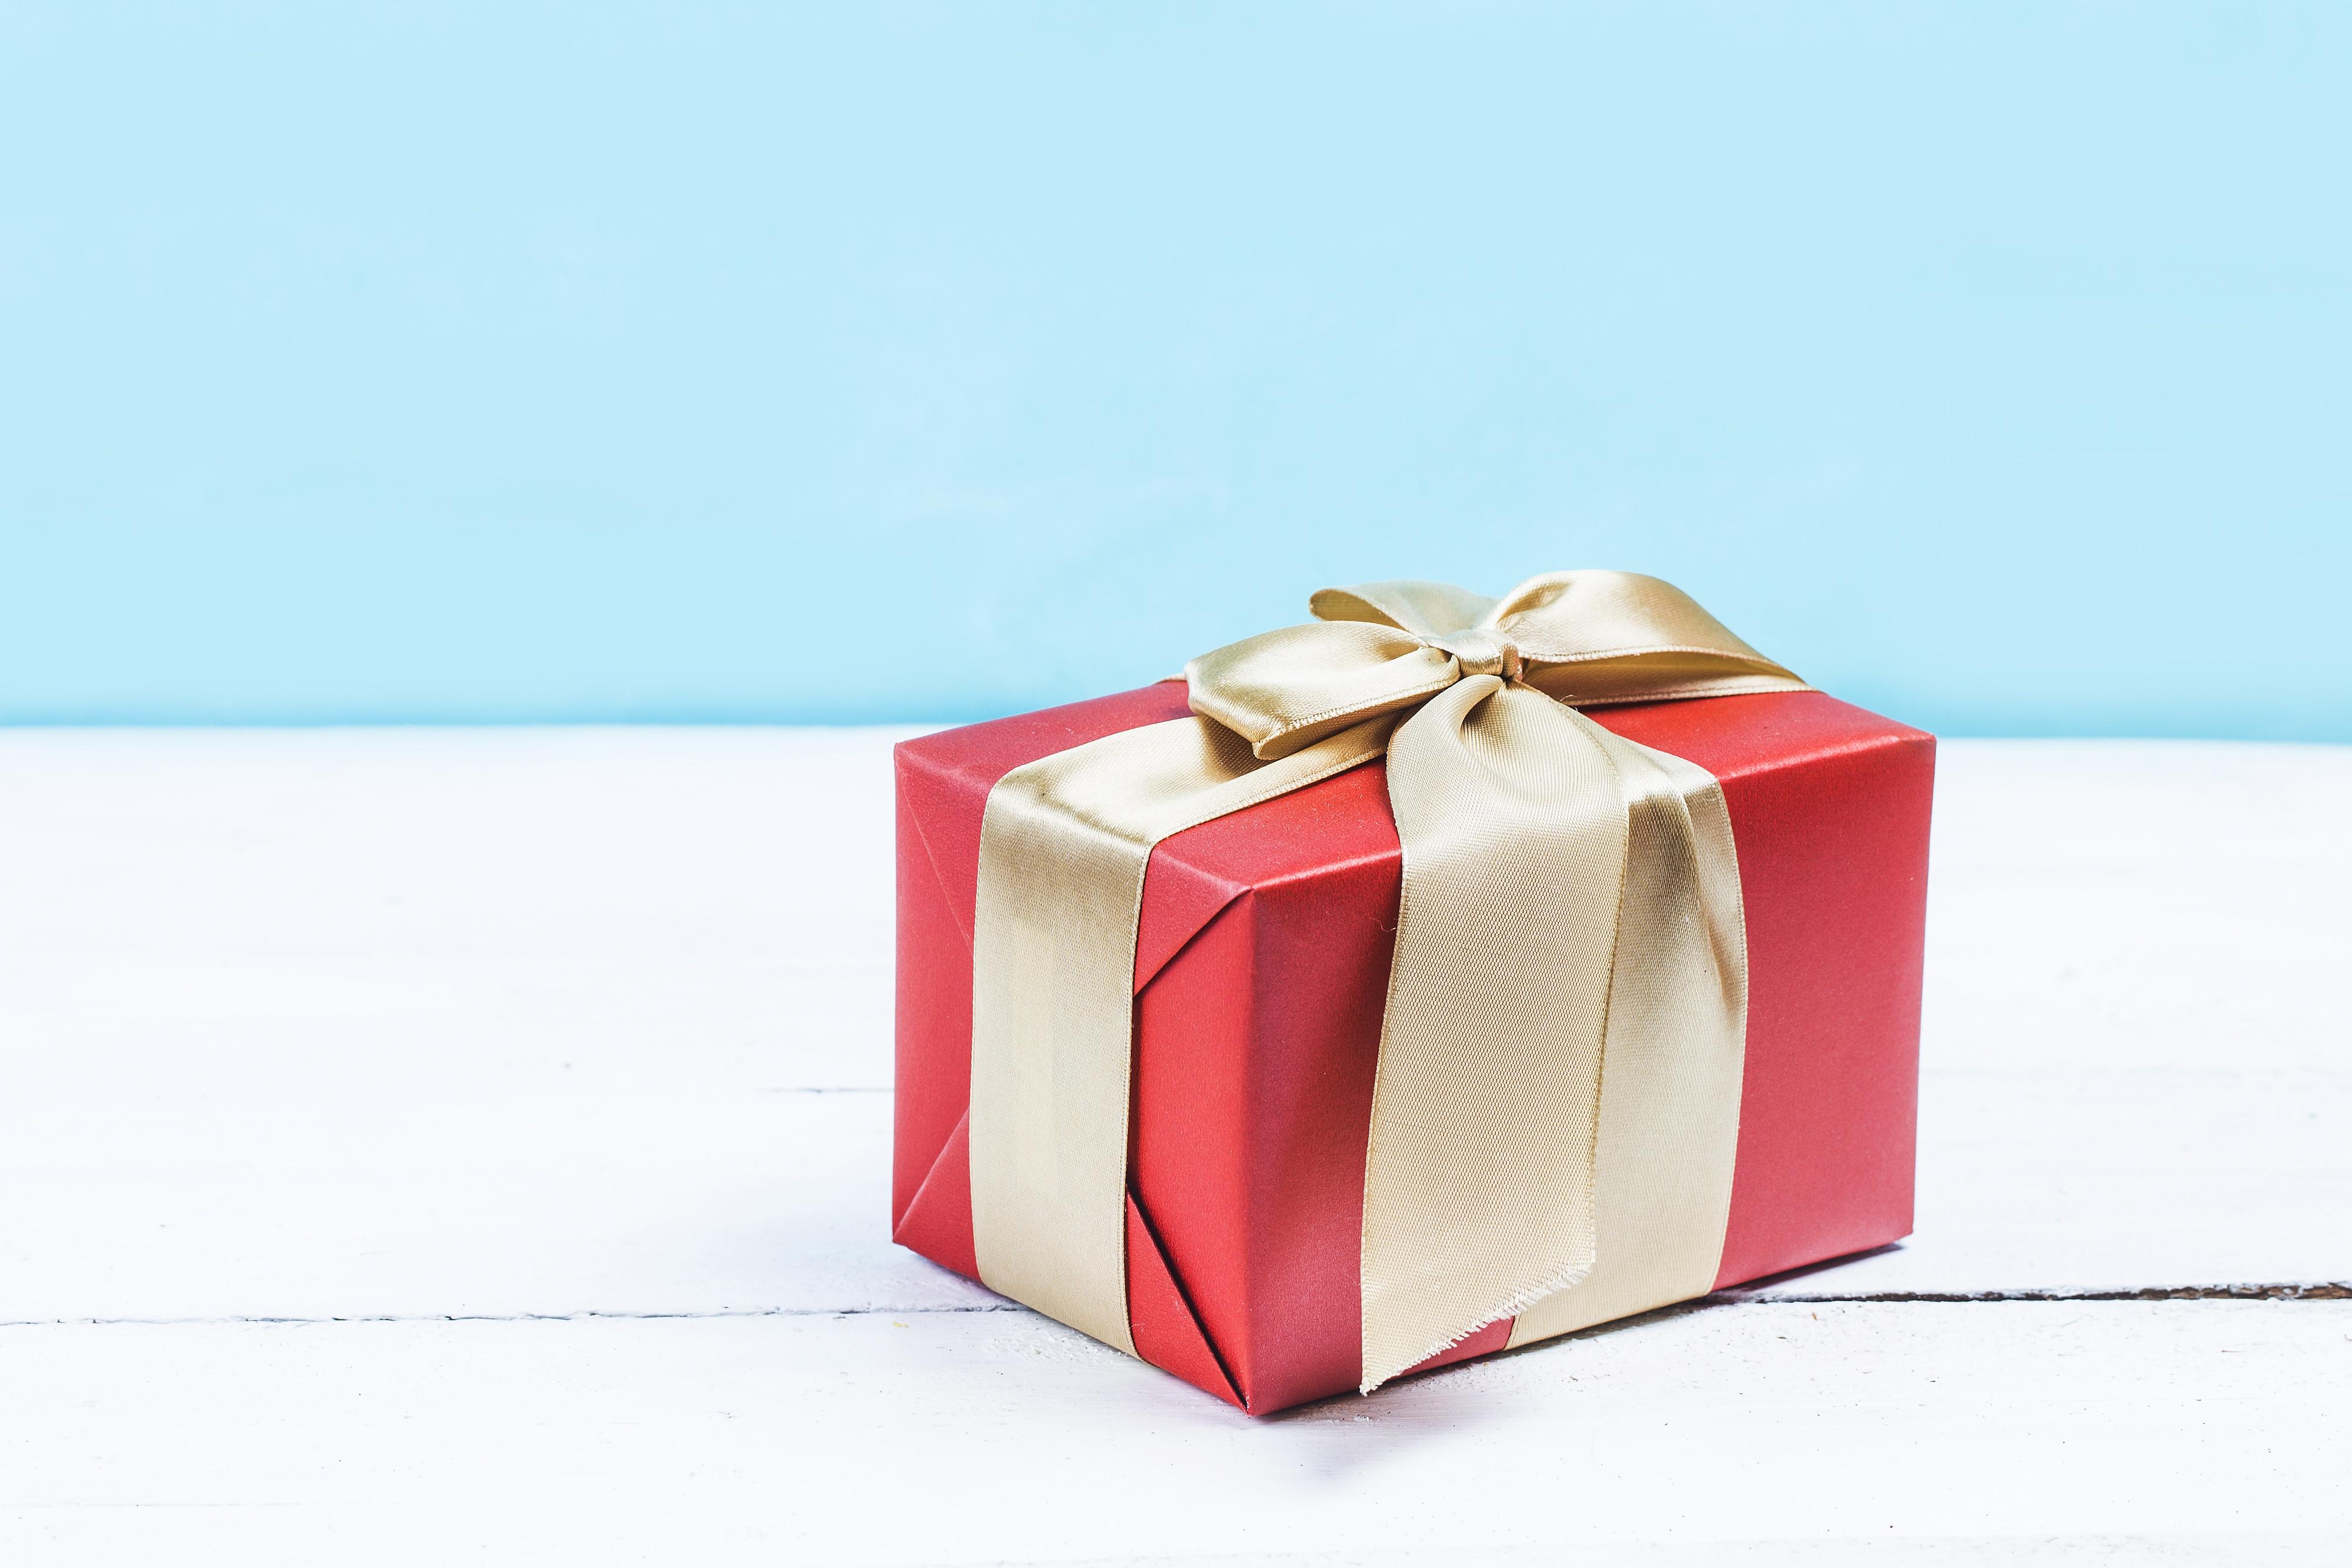 Надписью днем, открытки с подарочной коробкой